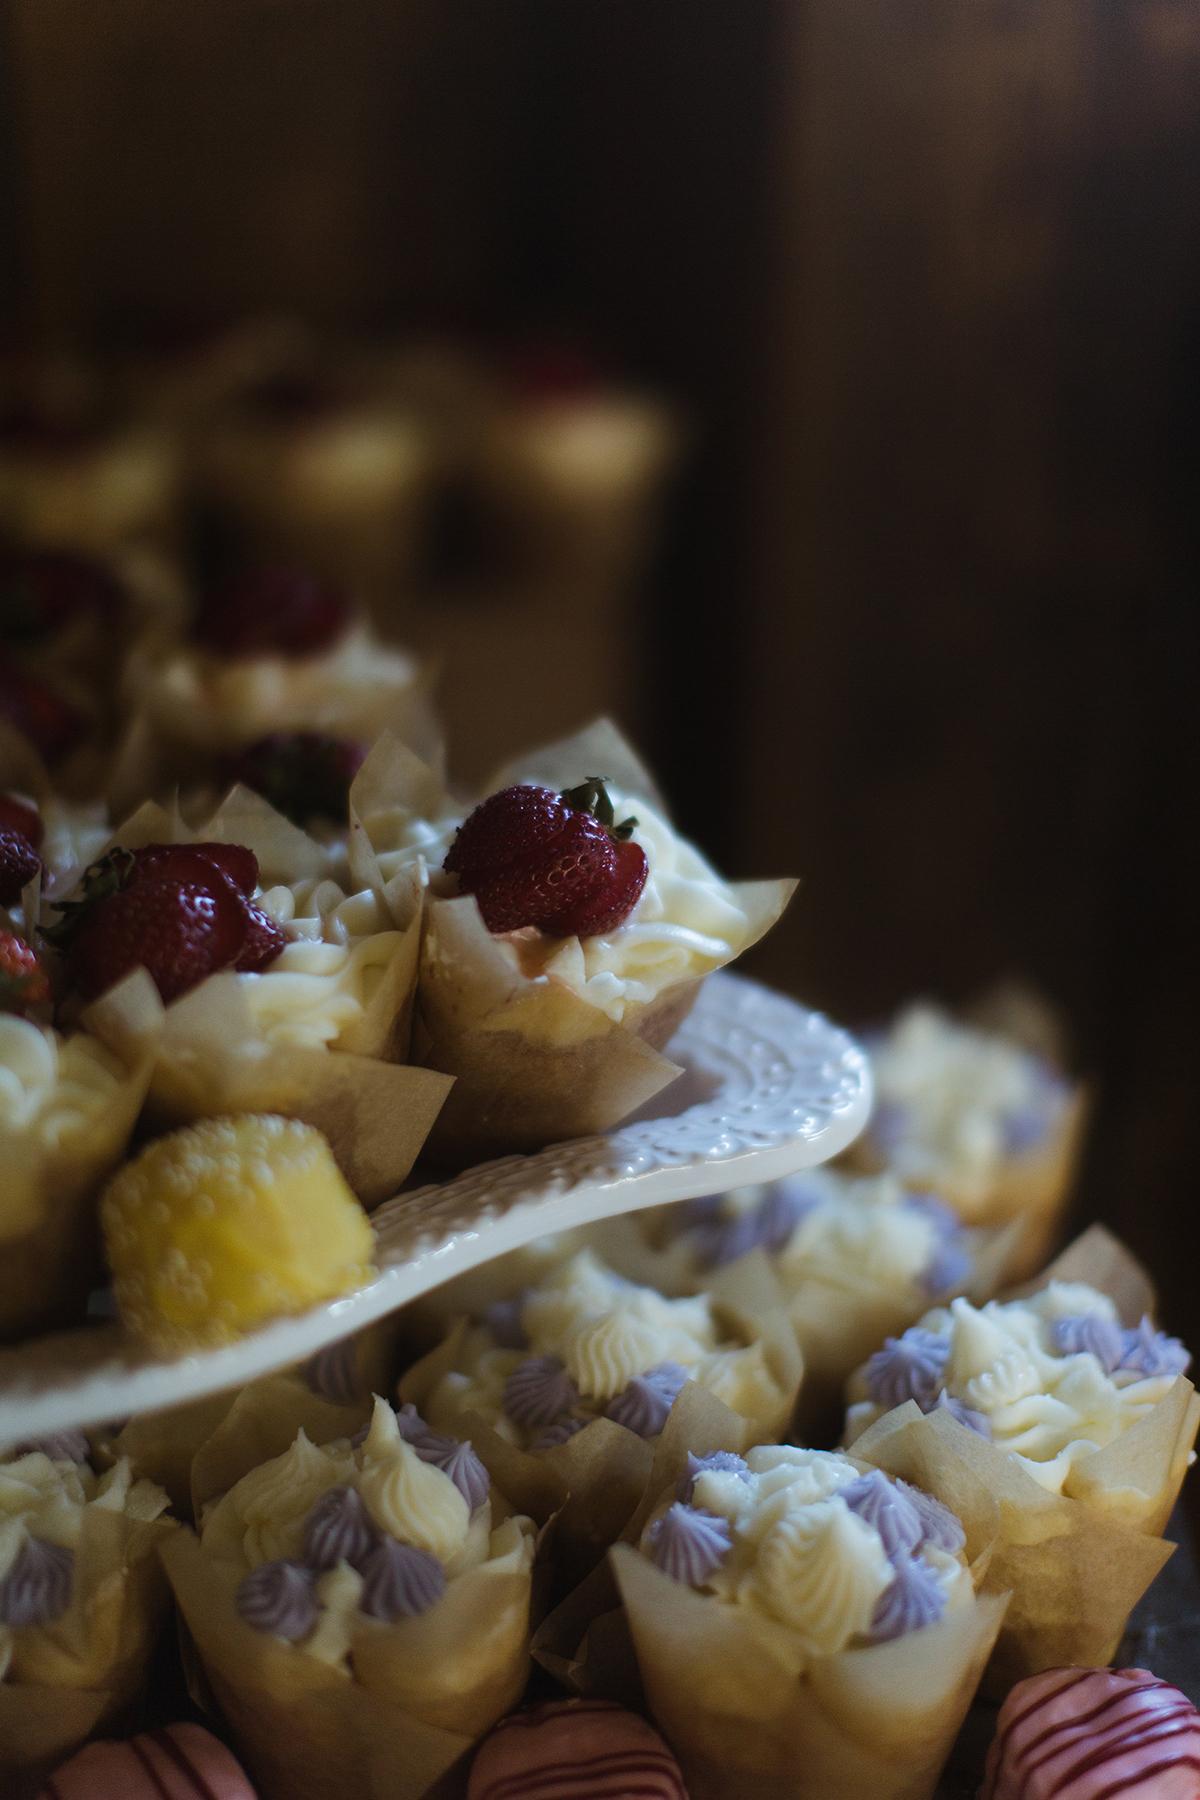 Cupcakes close up